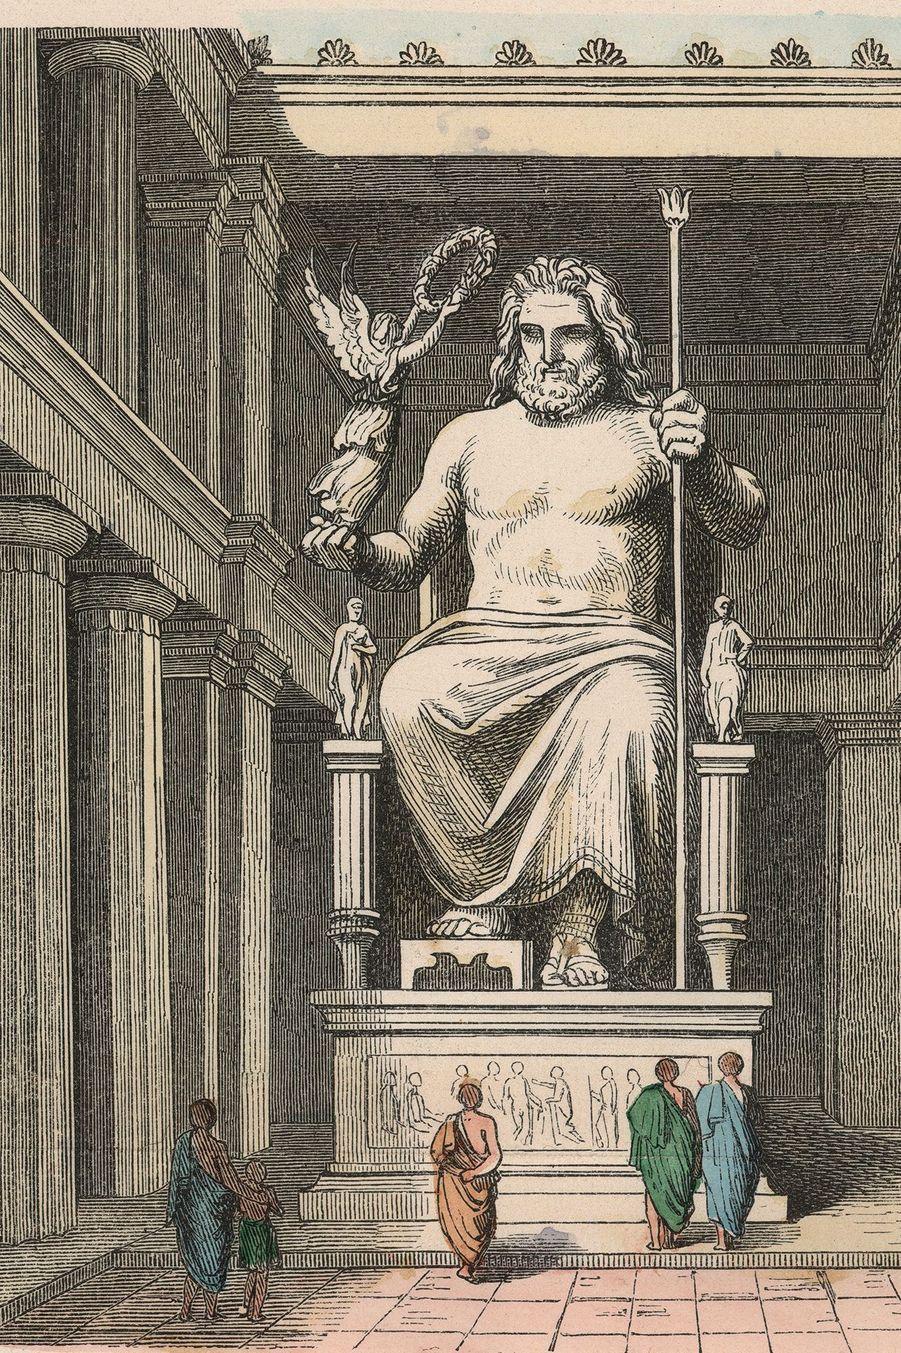 Représentation de la statue chryselephantine de Zeus dans le temple d'Olympie, oeuvre du sculpteur athénien Phydias.